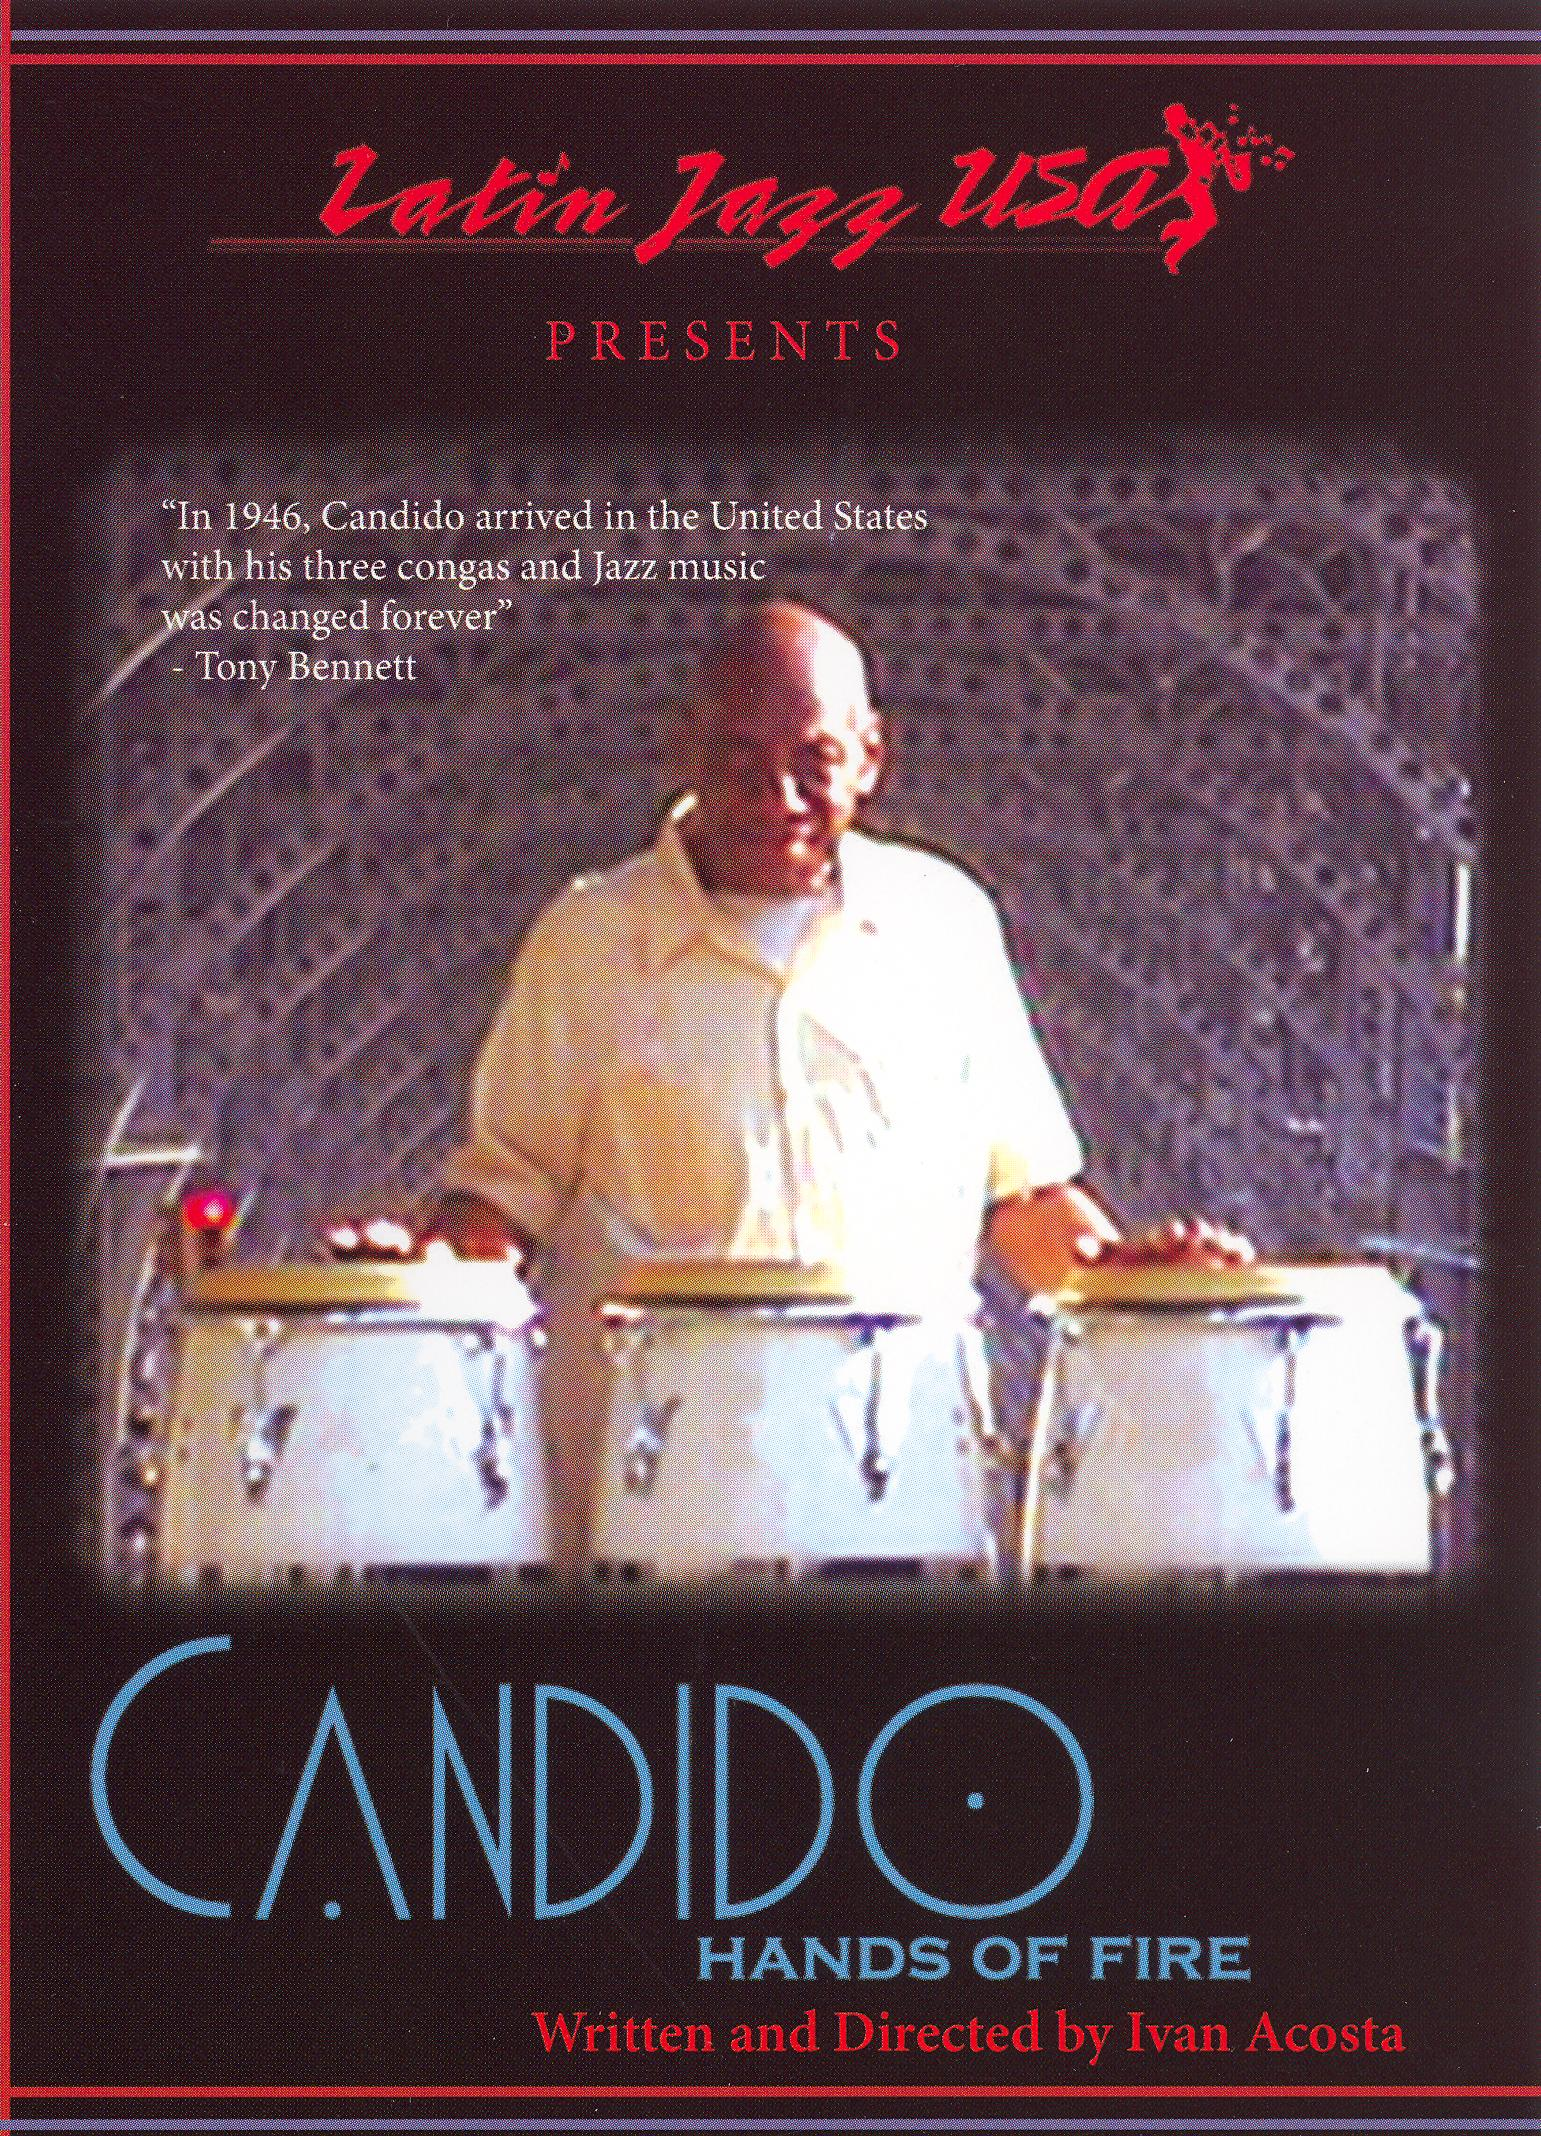 Candido: Hands of Fire